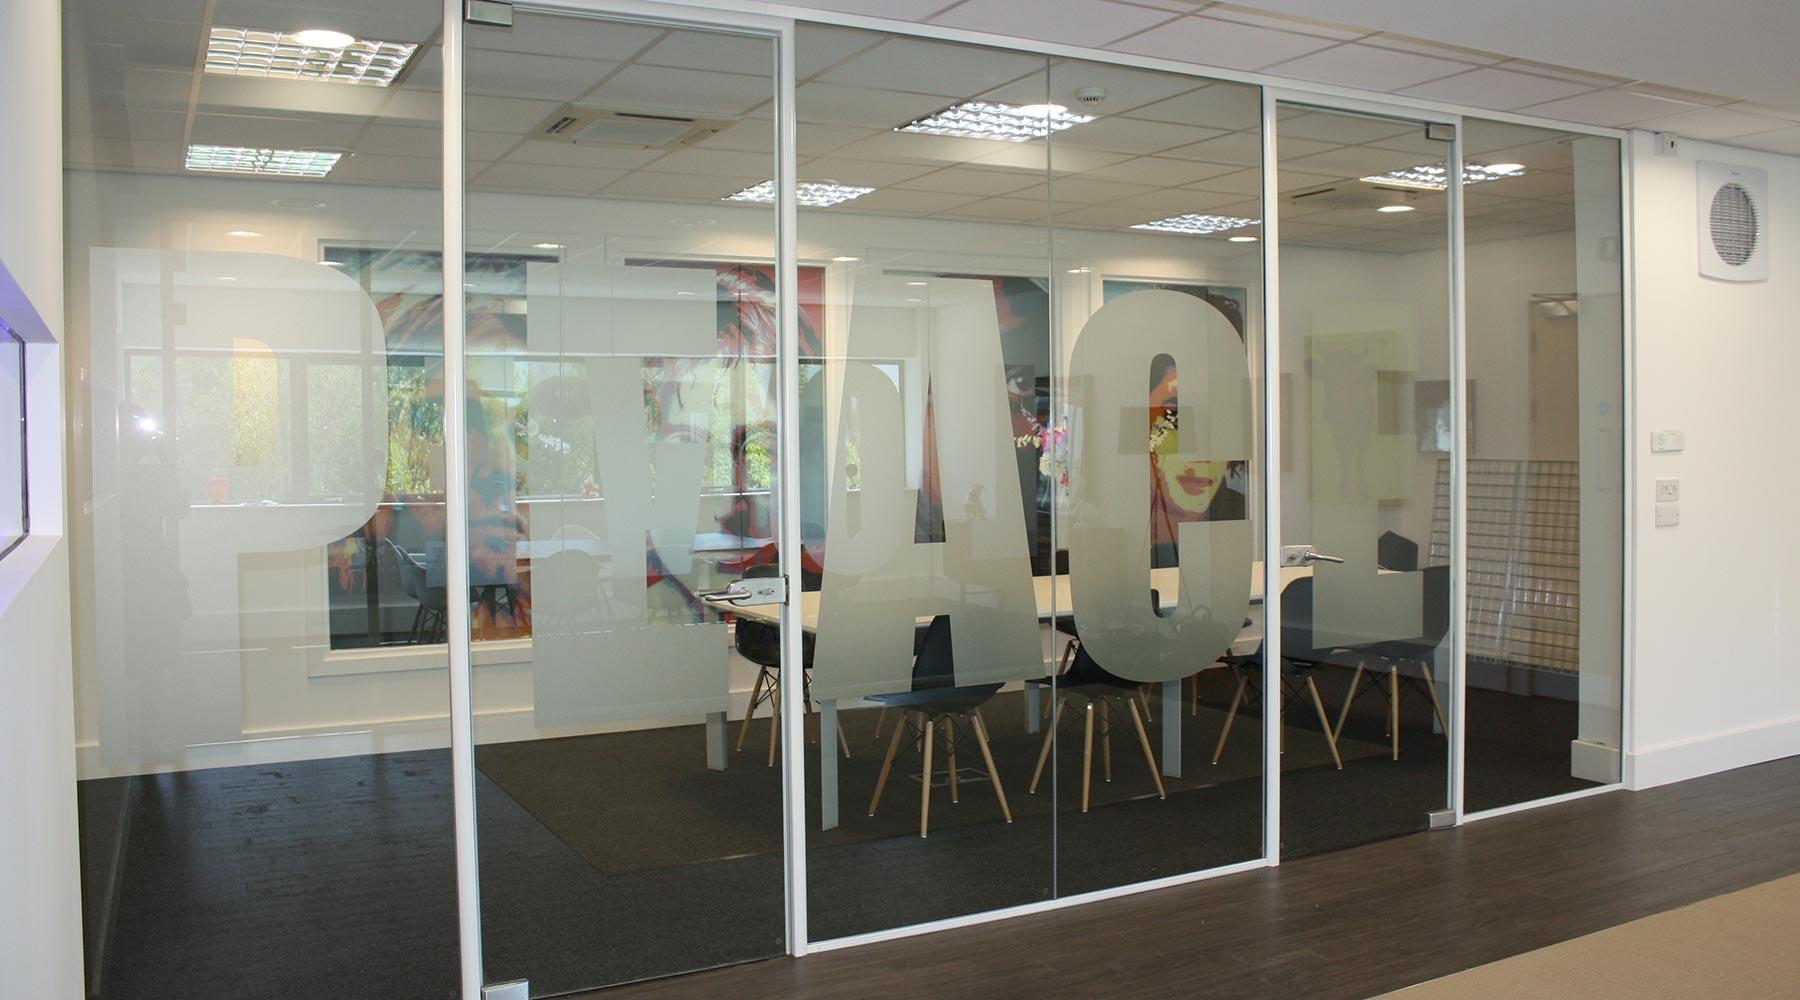 Missguided bluesky design interiorsbluesky design interiors - Missguided head office address ...